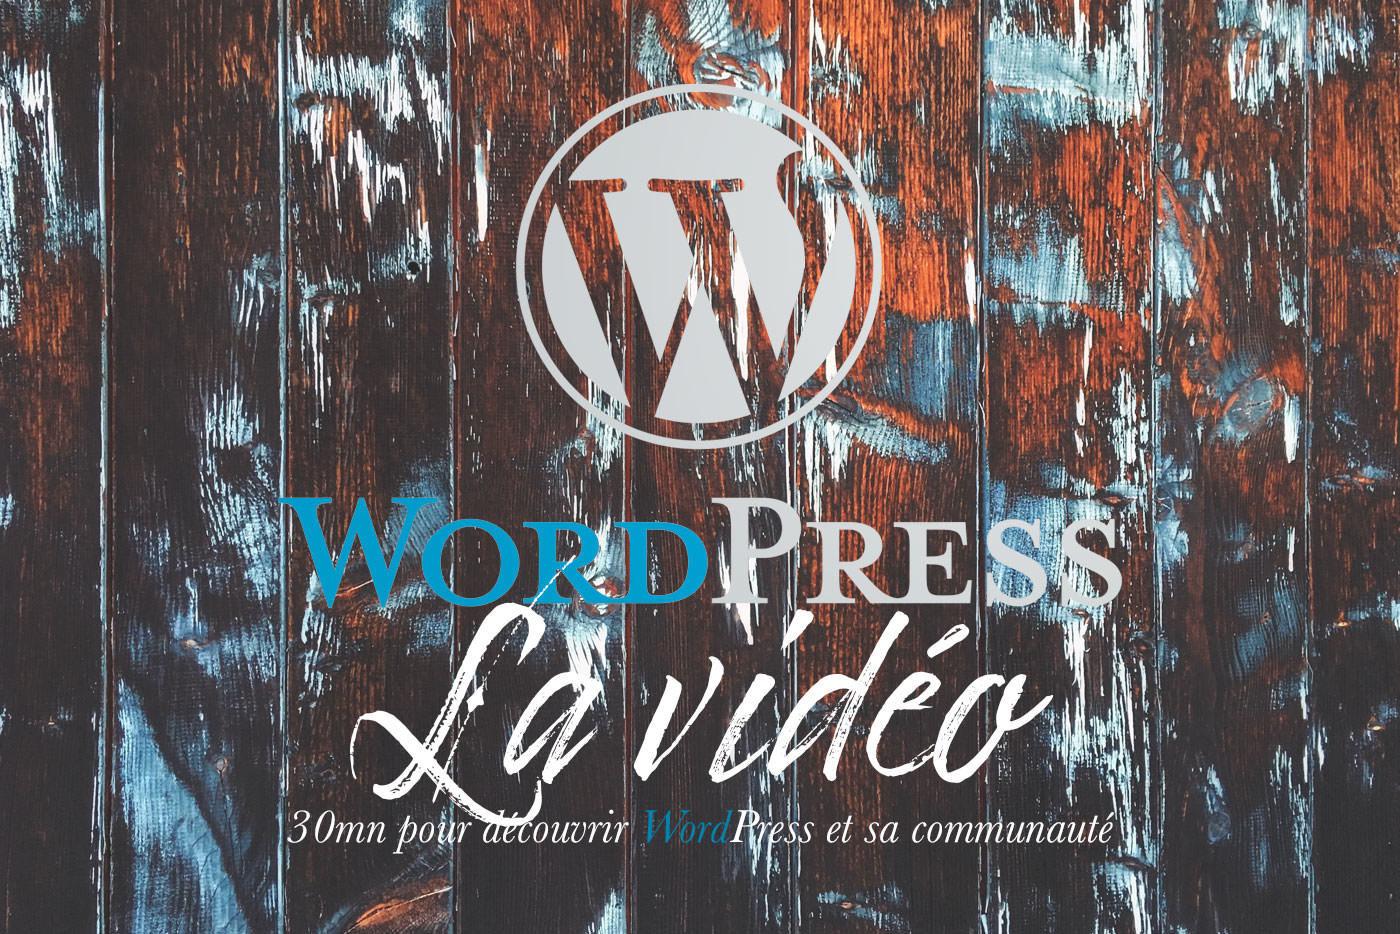 La vidéo WordPress-30mn